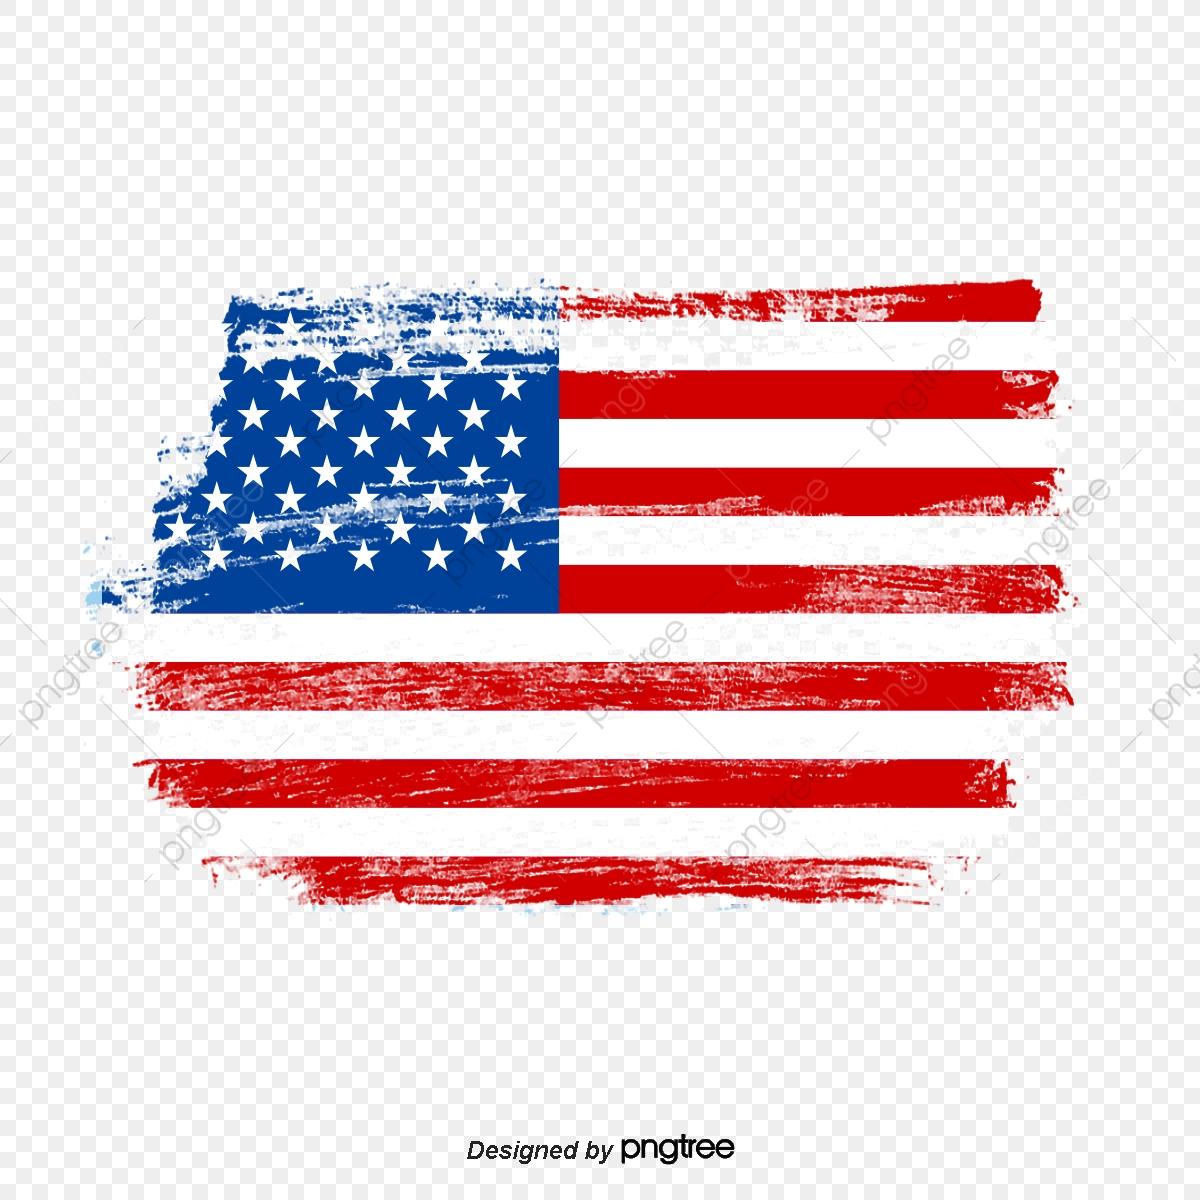 El Antiguo Elemento De La Bandera De Los Estados Unidos, Viejo.